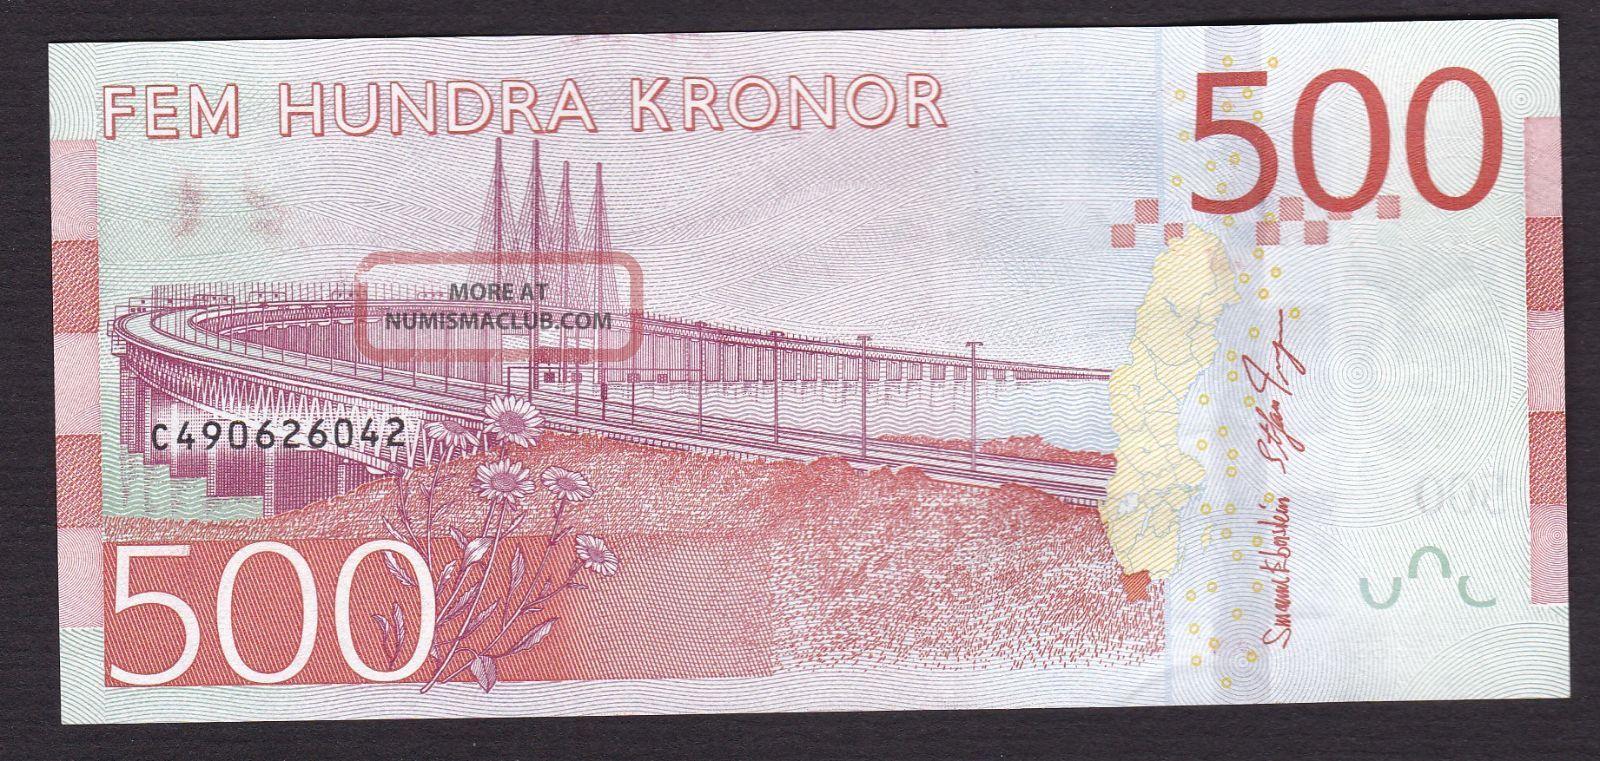 Sweden,  2016,  500 Kronor Note,  ' Birgit Nilsson ',  Unc,  Release October 3 Europe photo